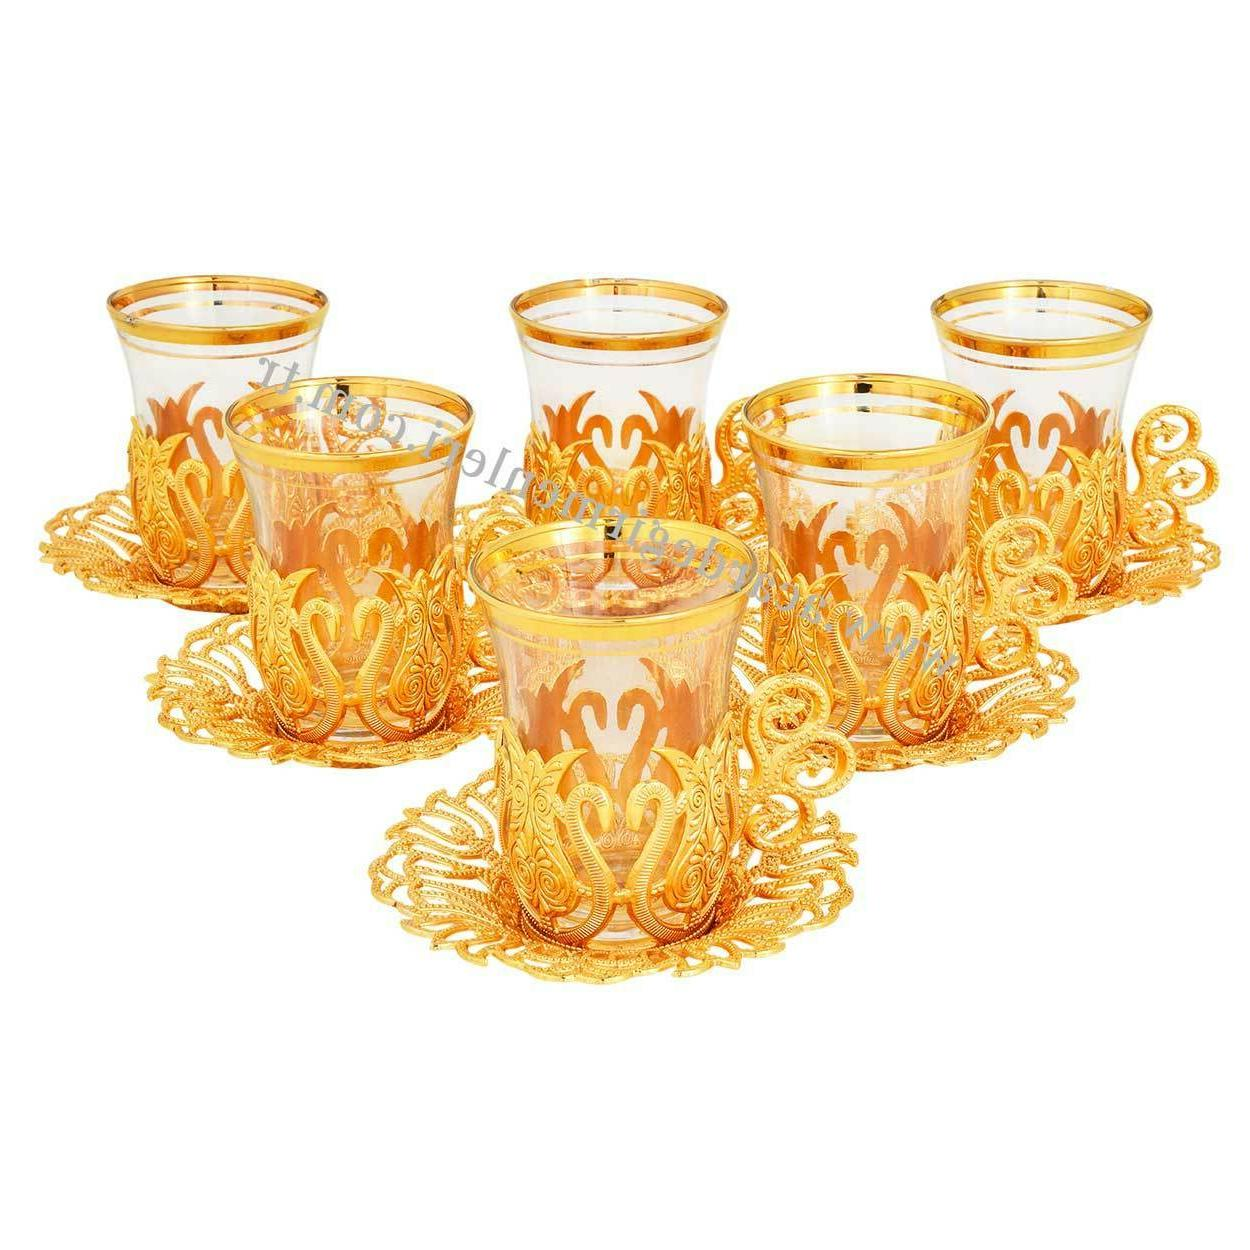 set of 6 turkish tea glasses holders